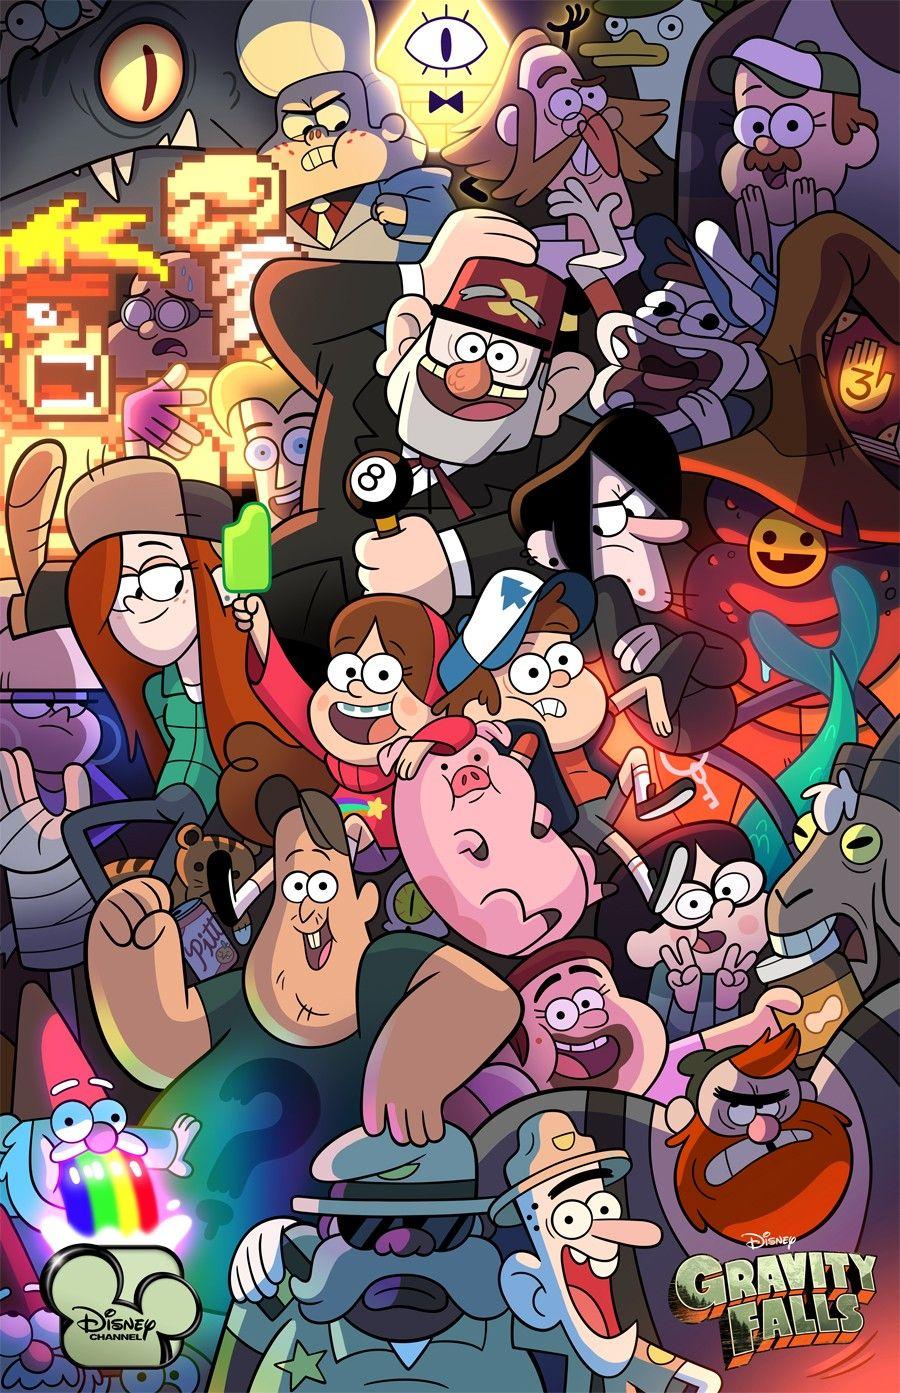 Gravity falls todos los personajes juntos buscar con for Buscar imagenes de fondo de pantalla